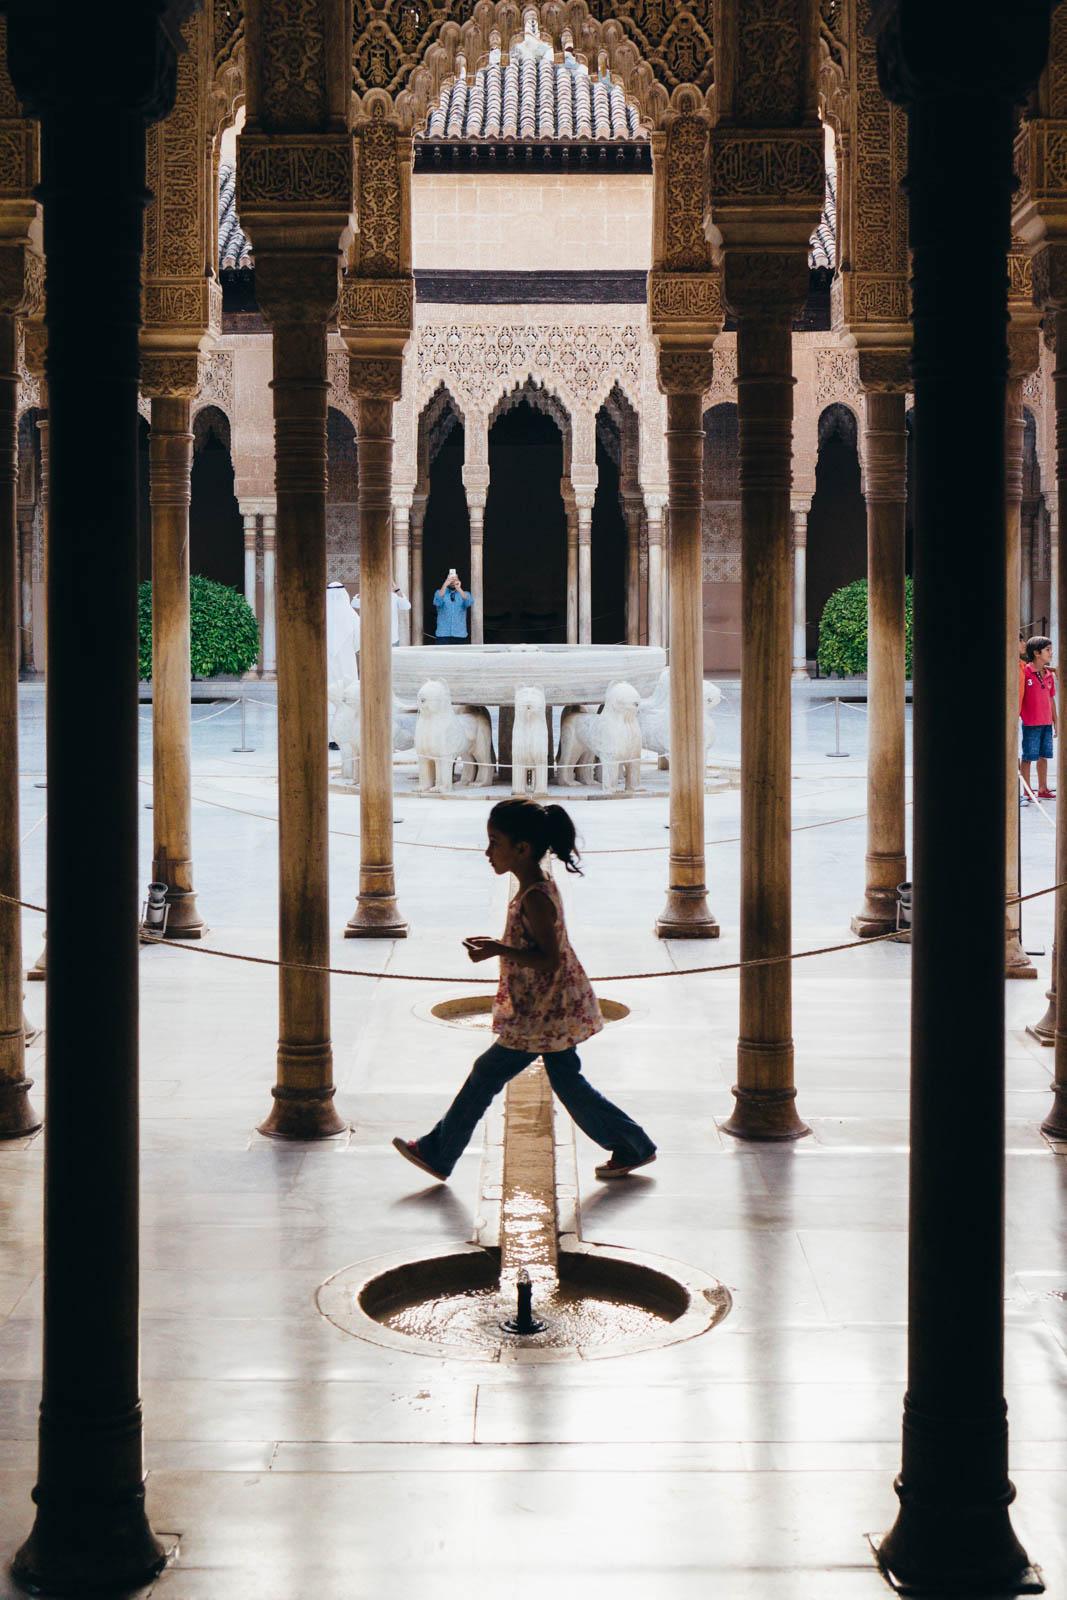 viaggio in andalusia fotografia di viaggio fotografia di architettura